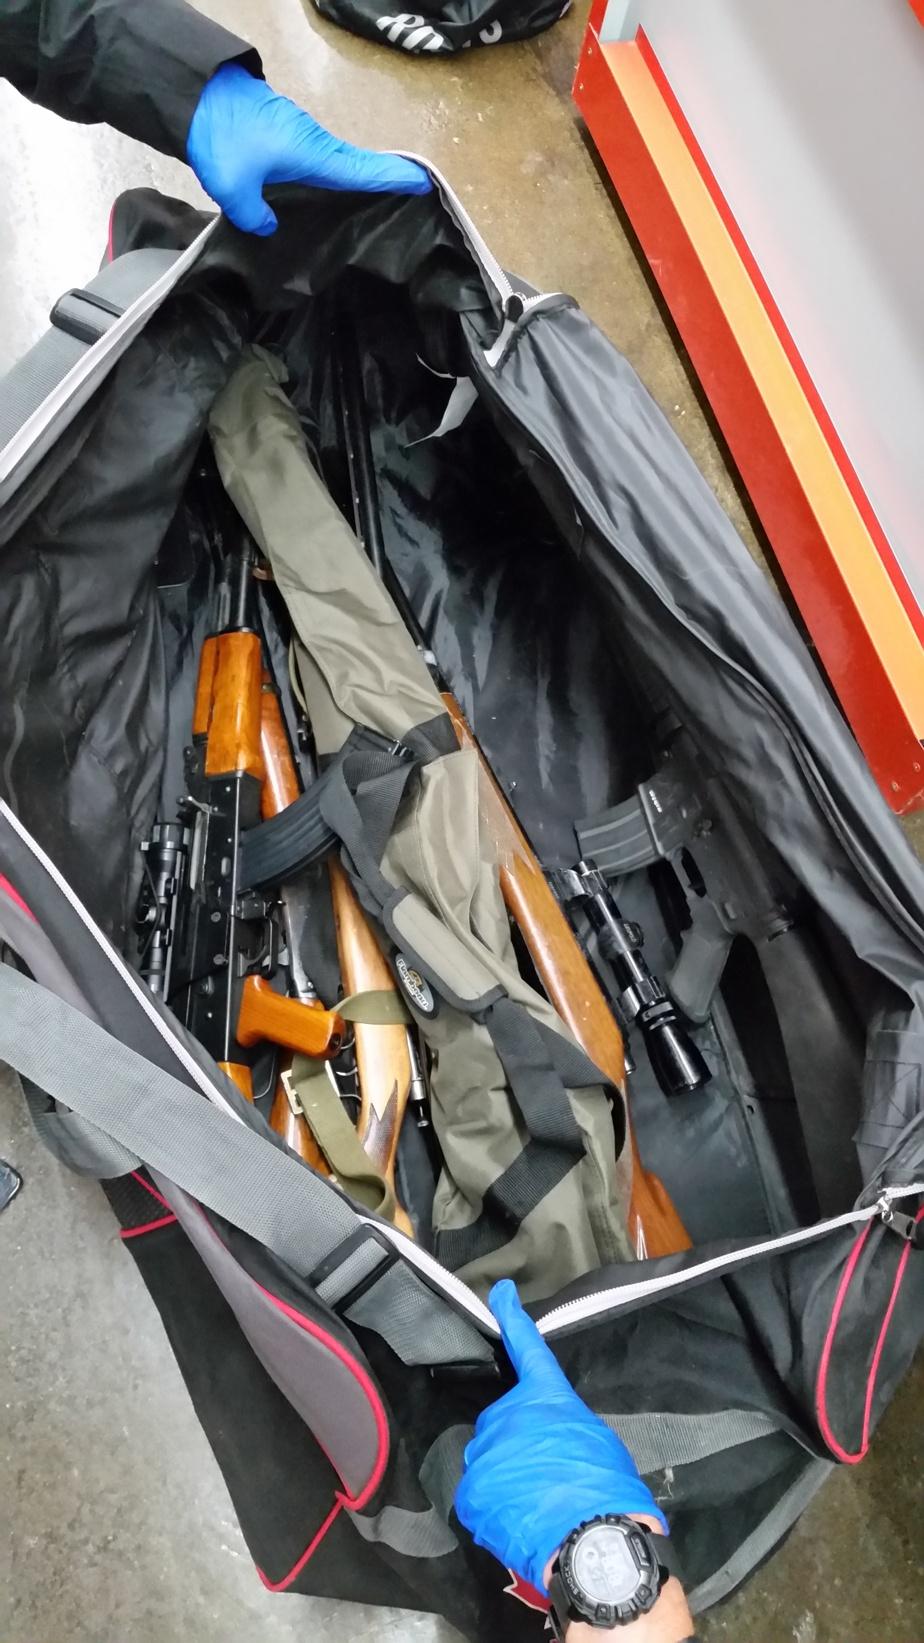 Arsenal d'armes à feu découvert dans un entrepôt anonyme de Laval à la suite de la dernière opération d'infiltration pour coincer les suspects du meurtre des frères Falduto